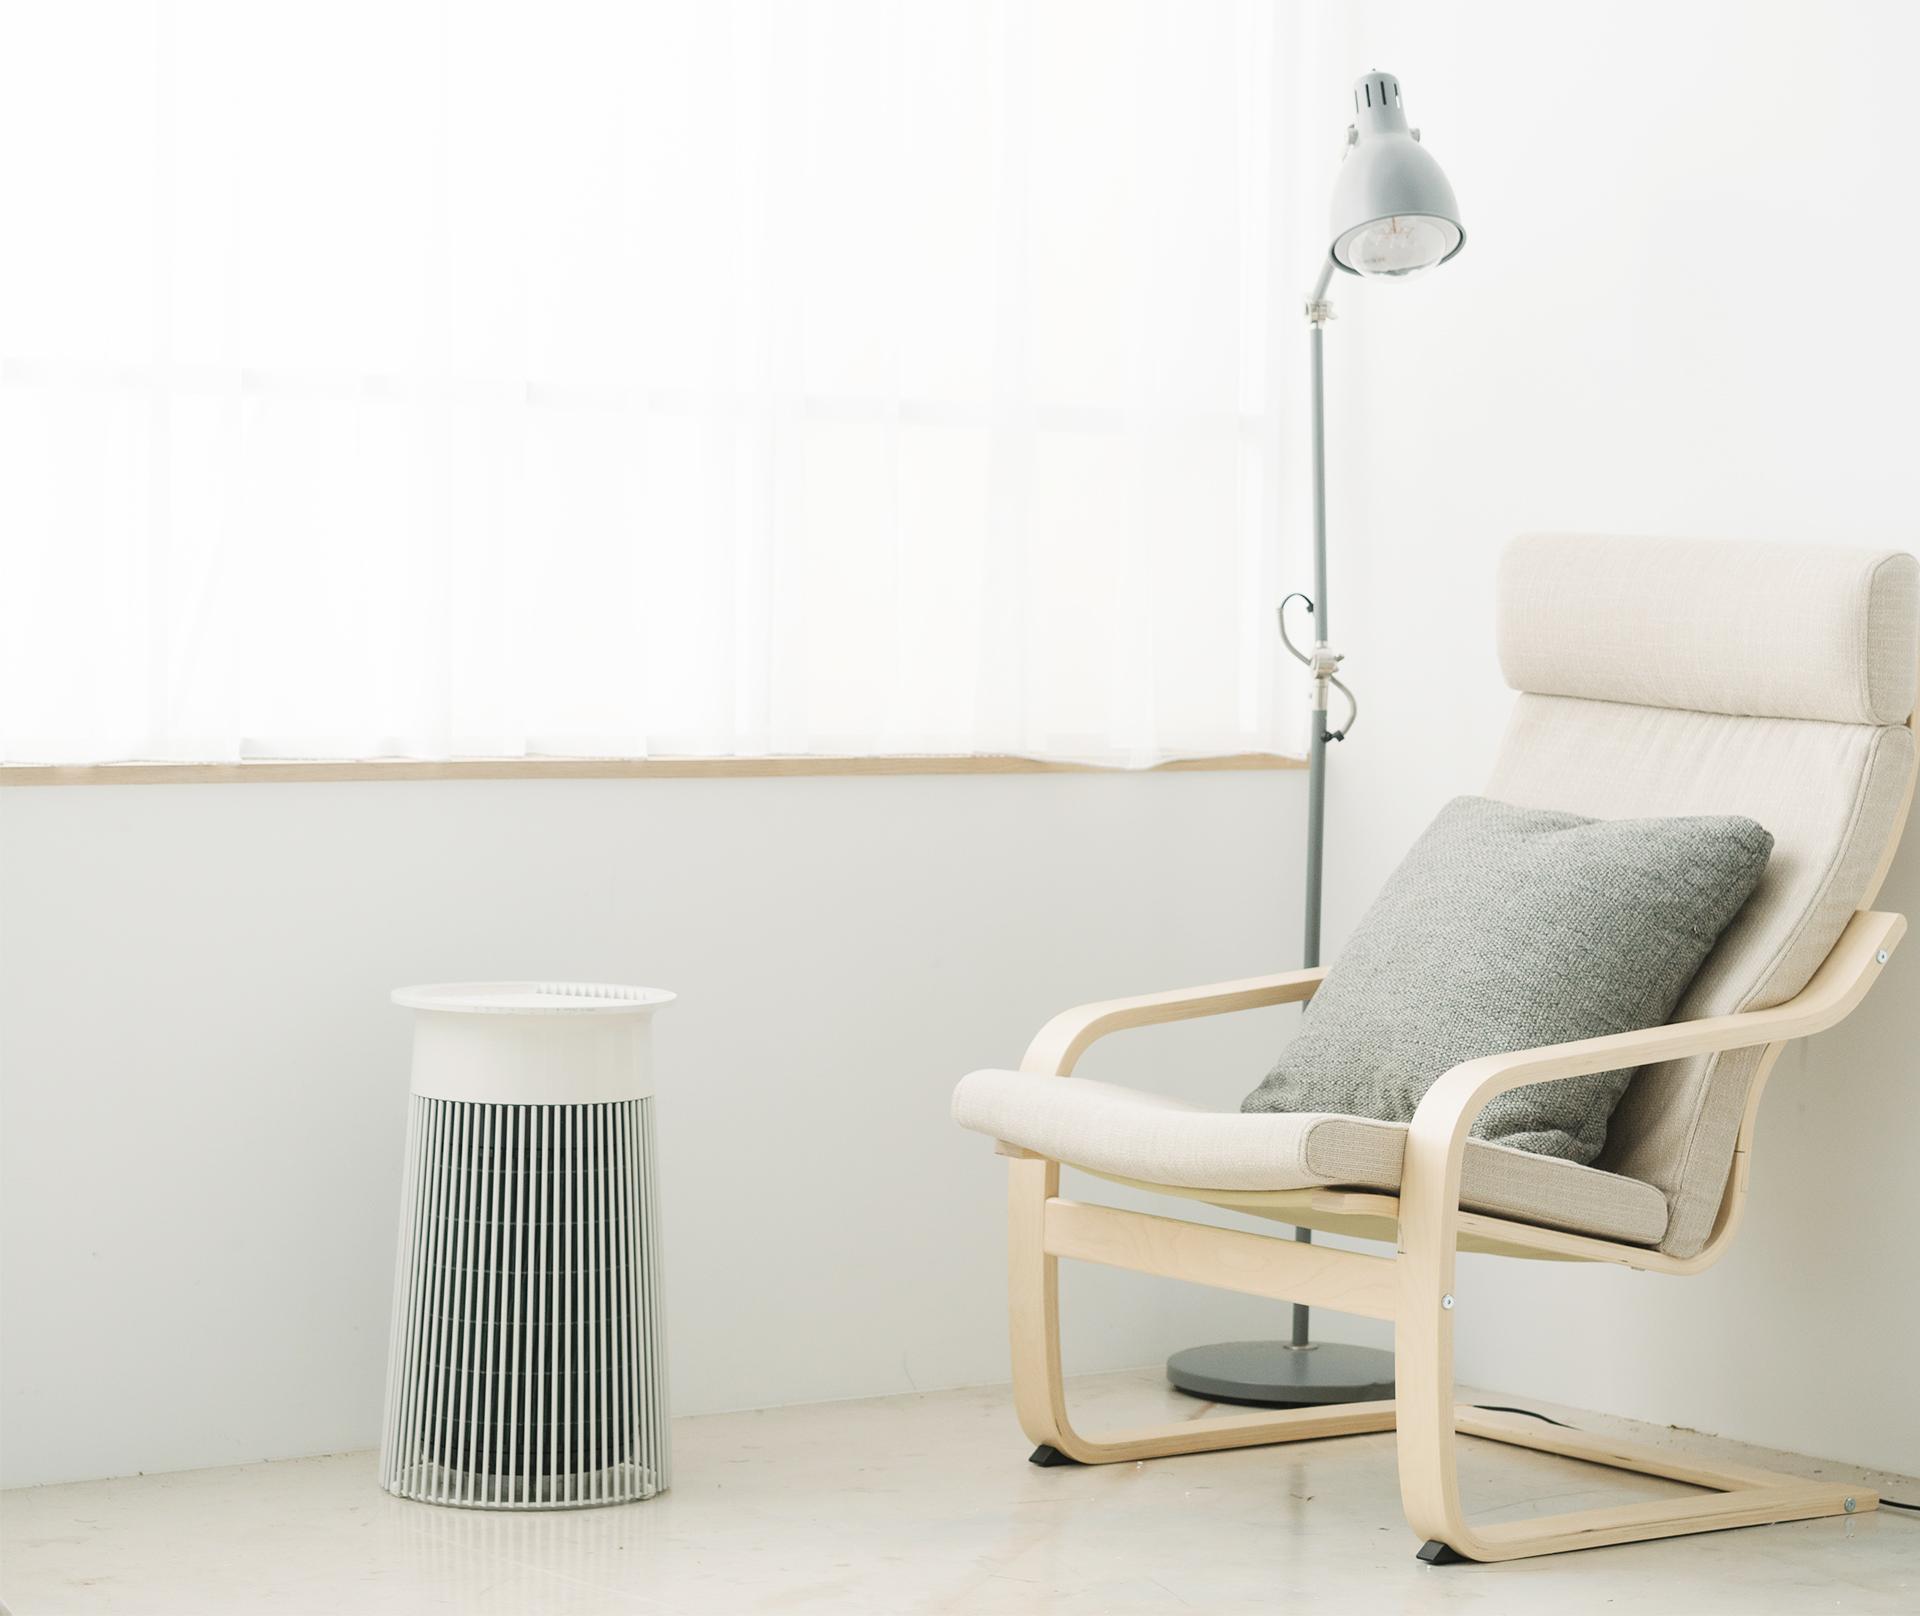 清淨,不需要有多餘的阻隔,成就一個安心、自在的寓所。